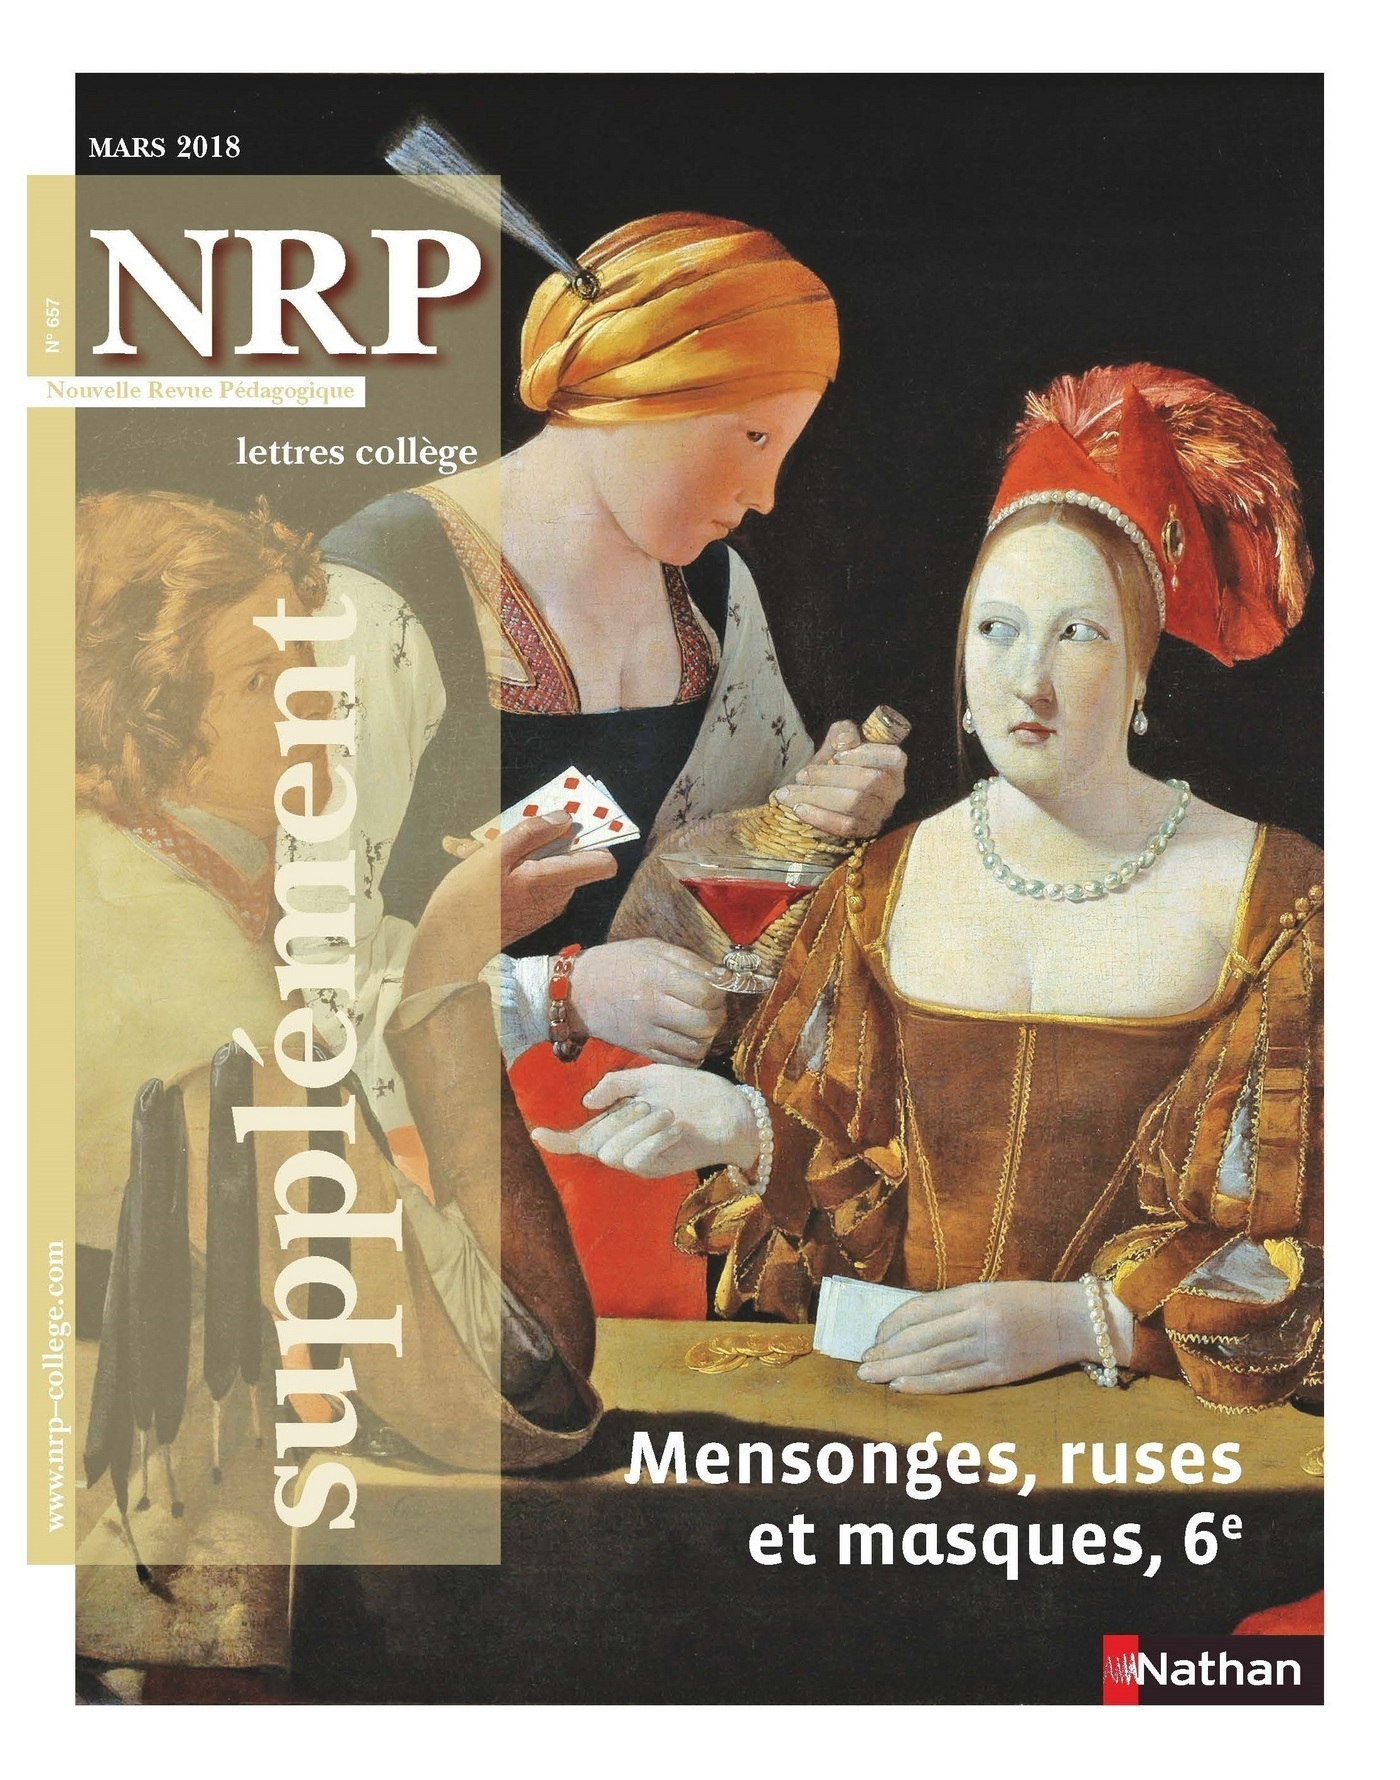 NRP Supplément Collège - Mensonges, ruses et masques - Mars 2018